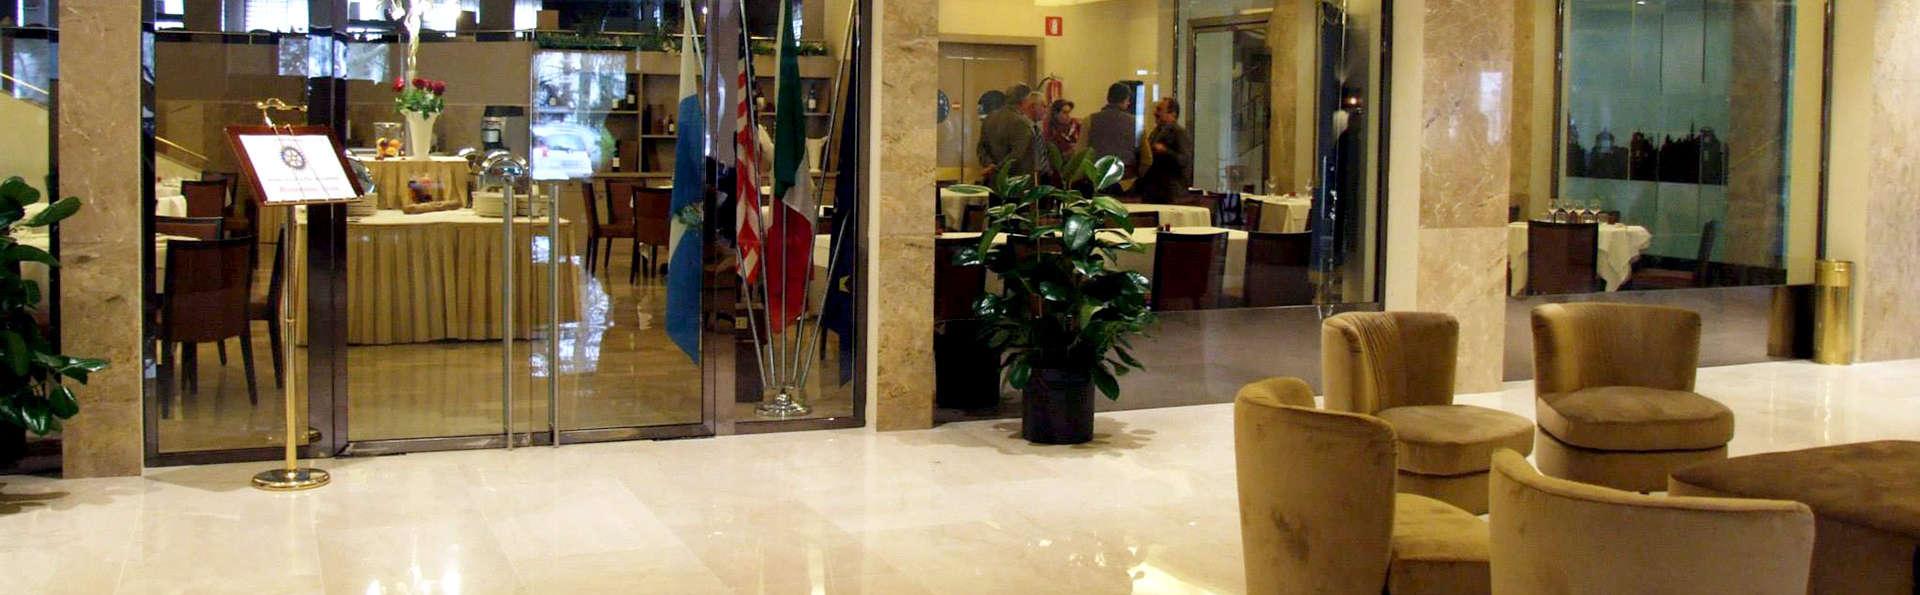 Grand Hotel Mediterraneo - Edit_Hall.jpg